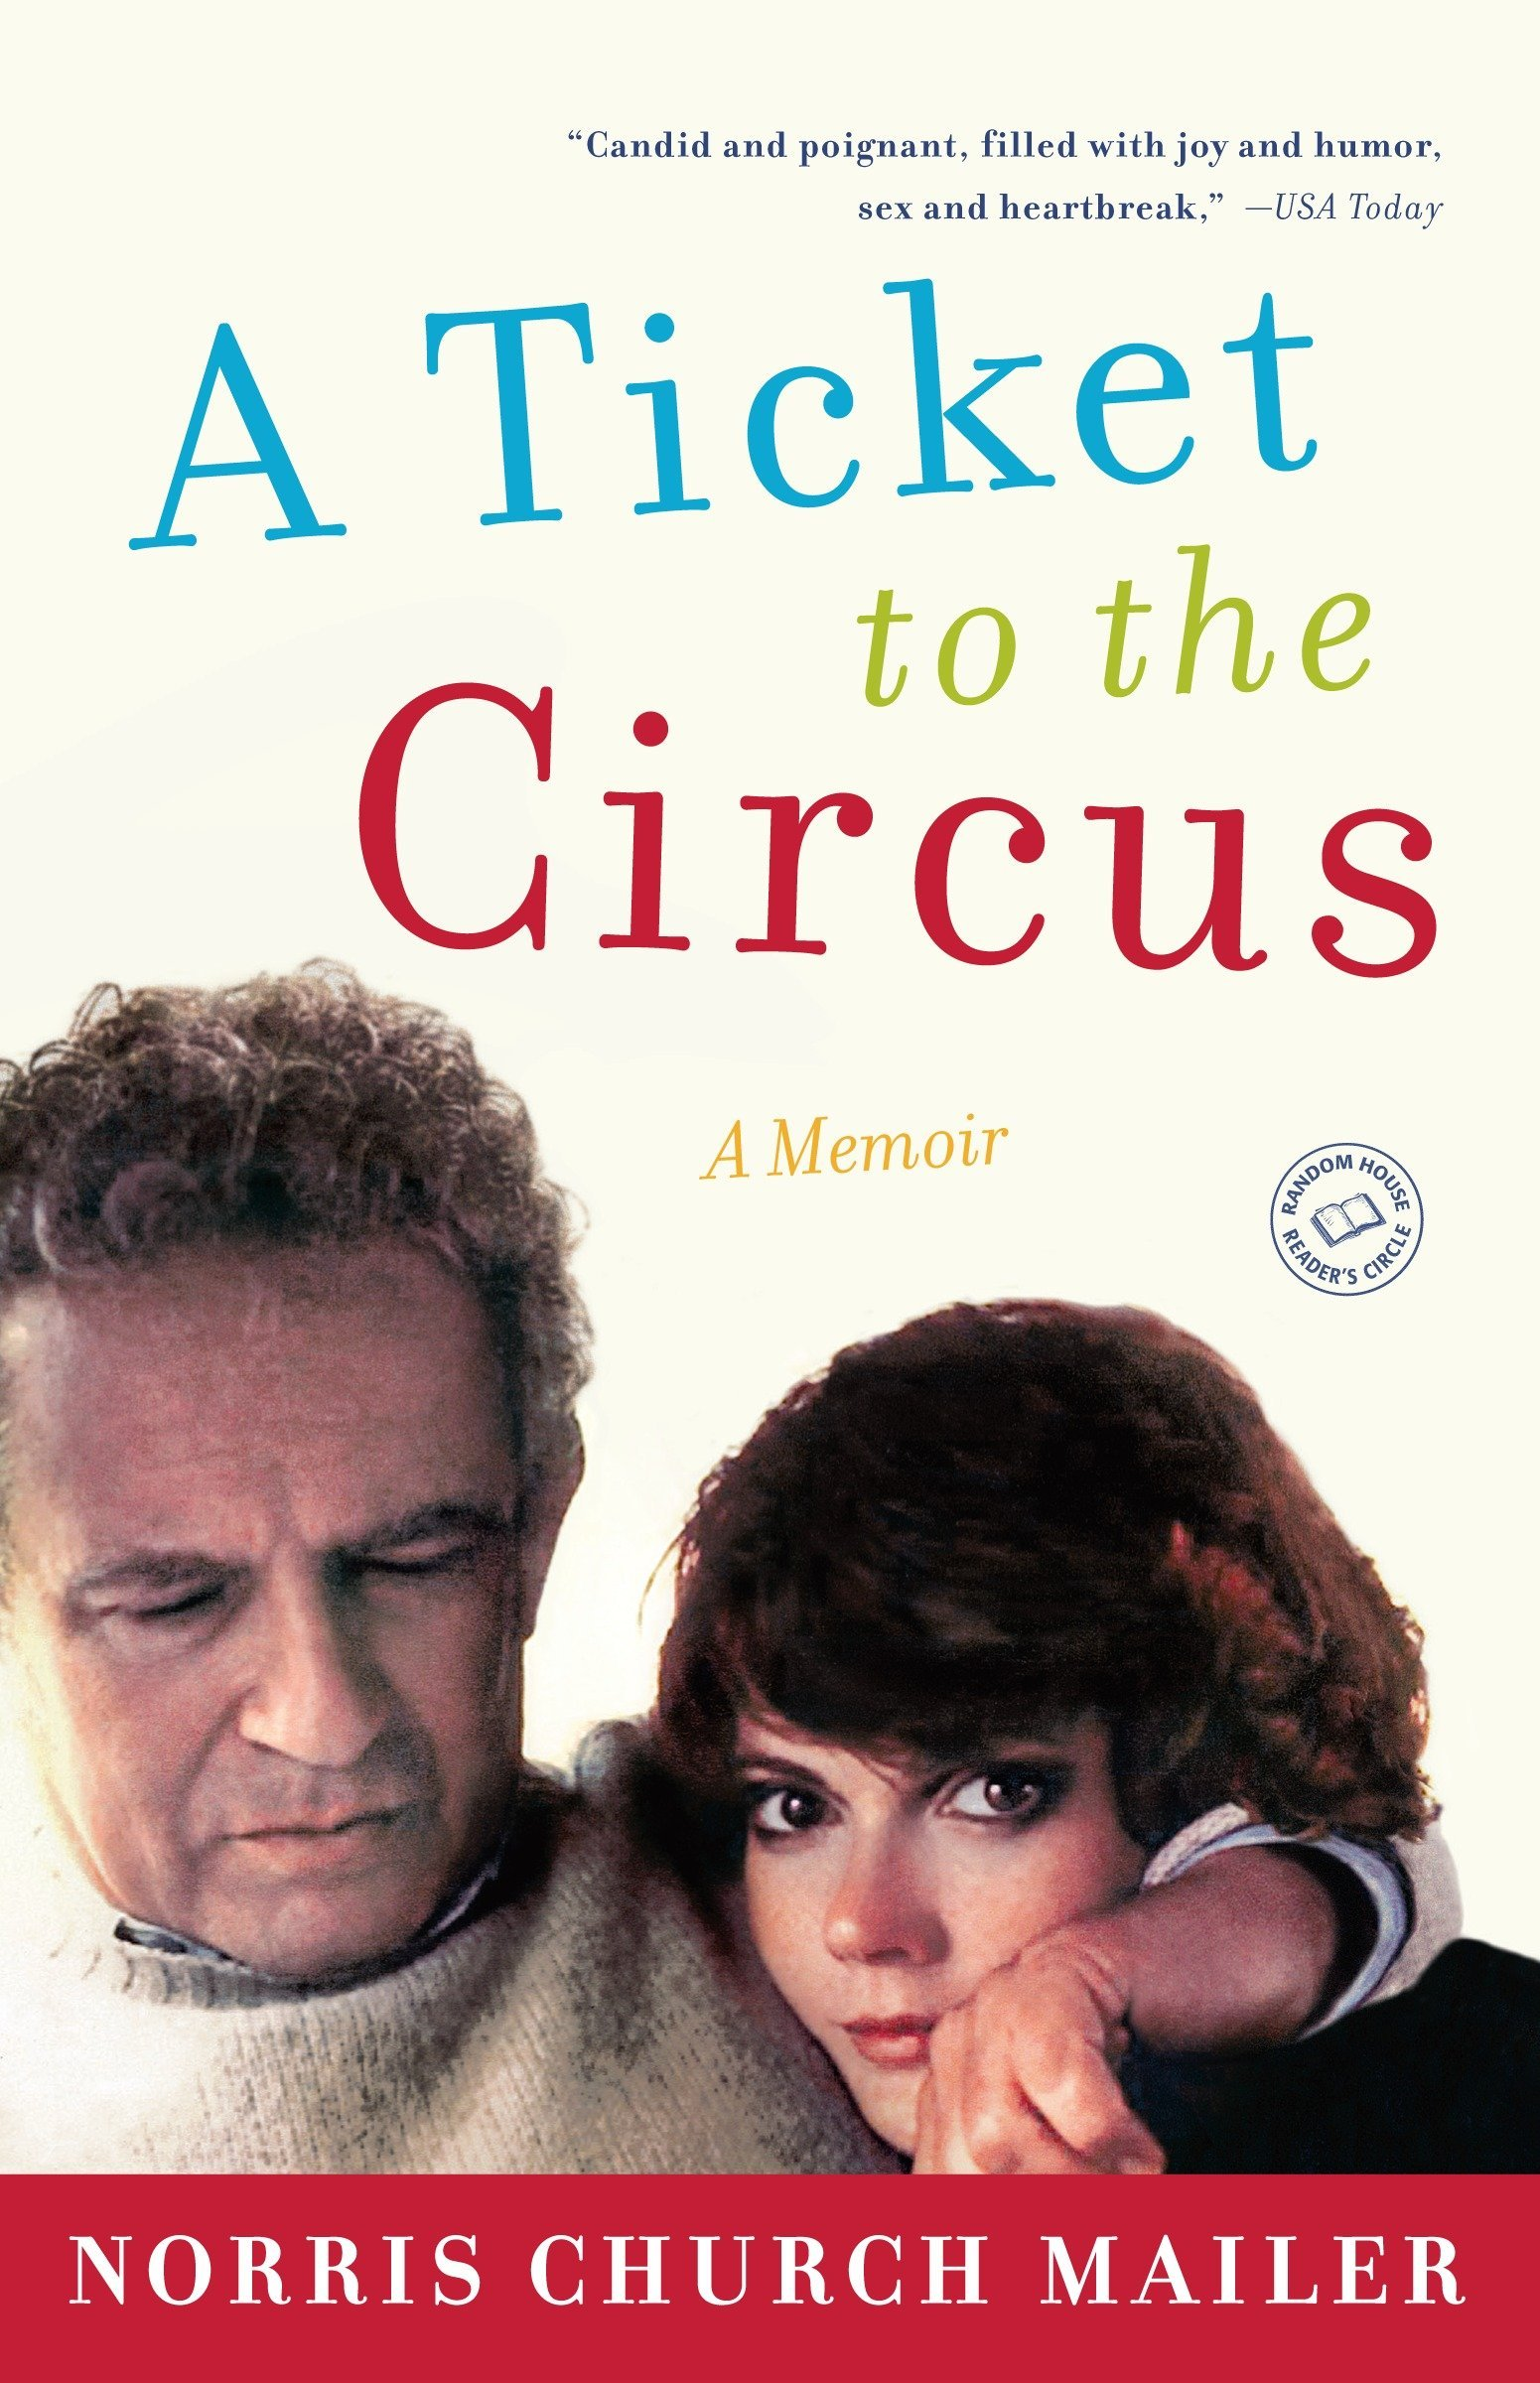 Amazon fr - A Ticket to the Circus: A Memoir - Norris Church Mailer